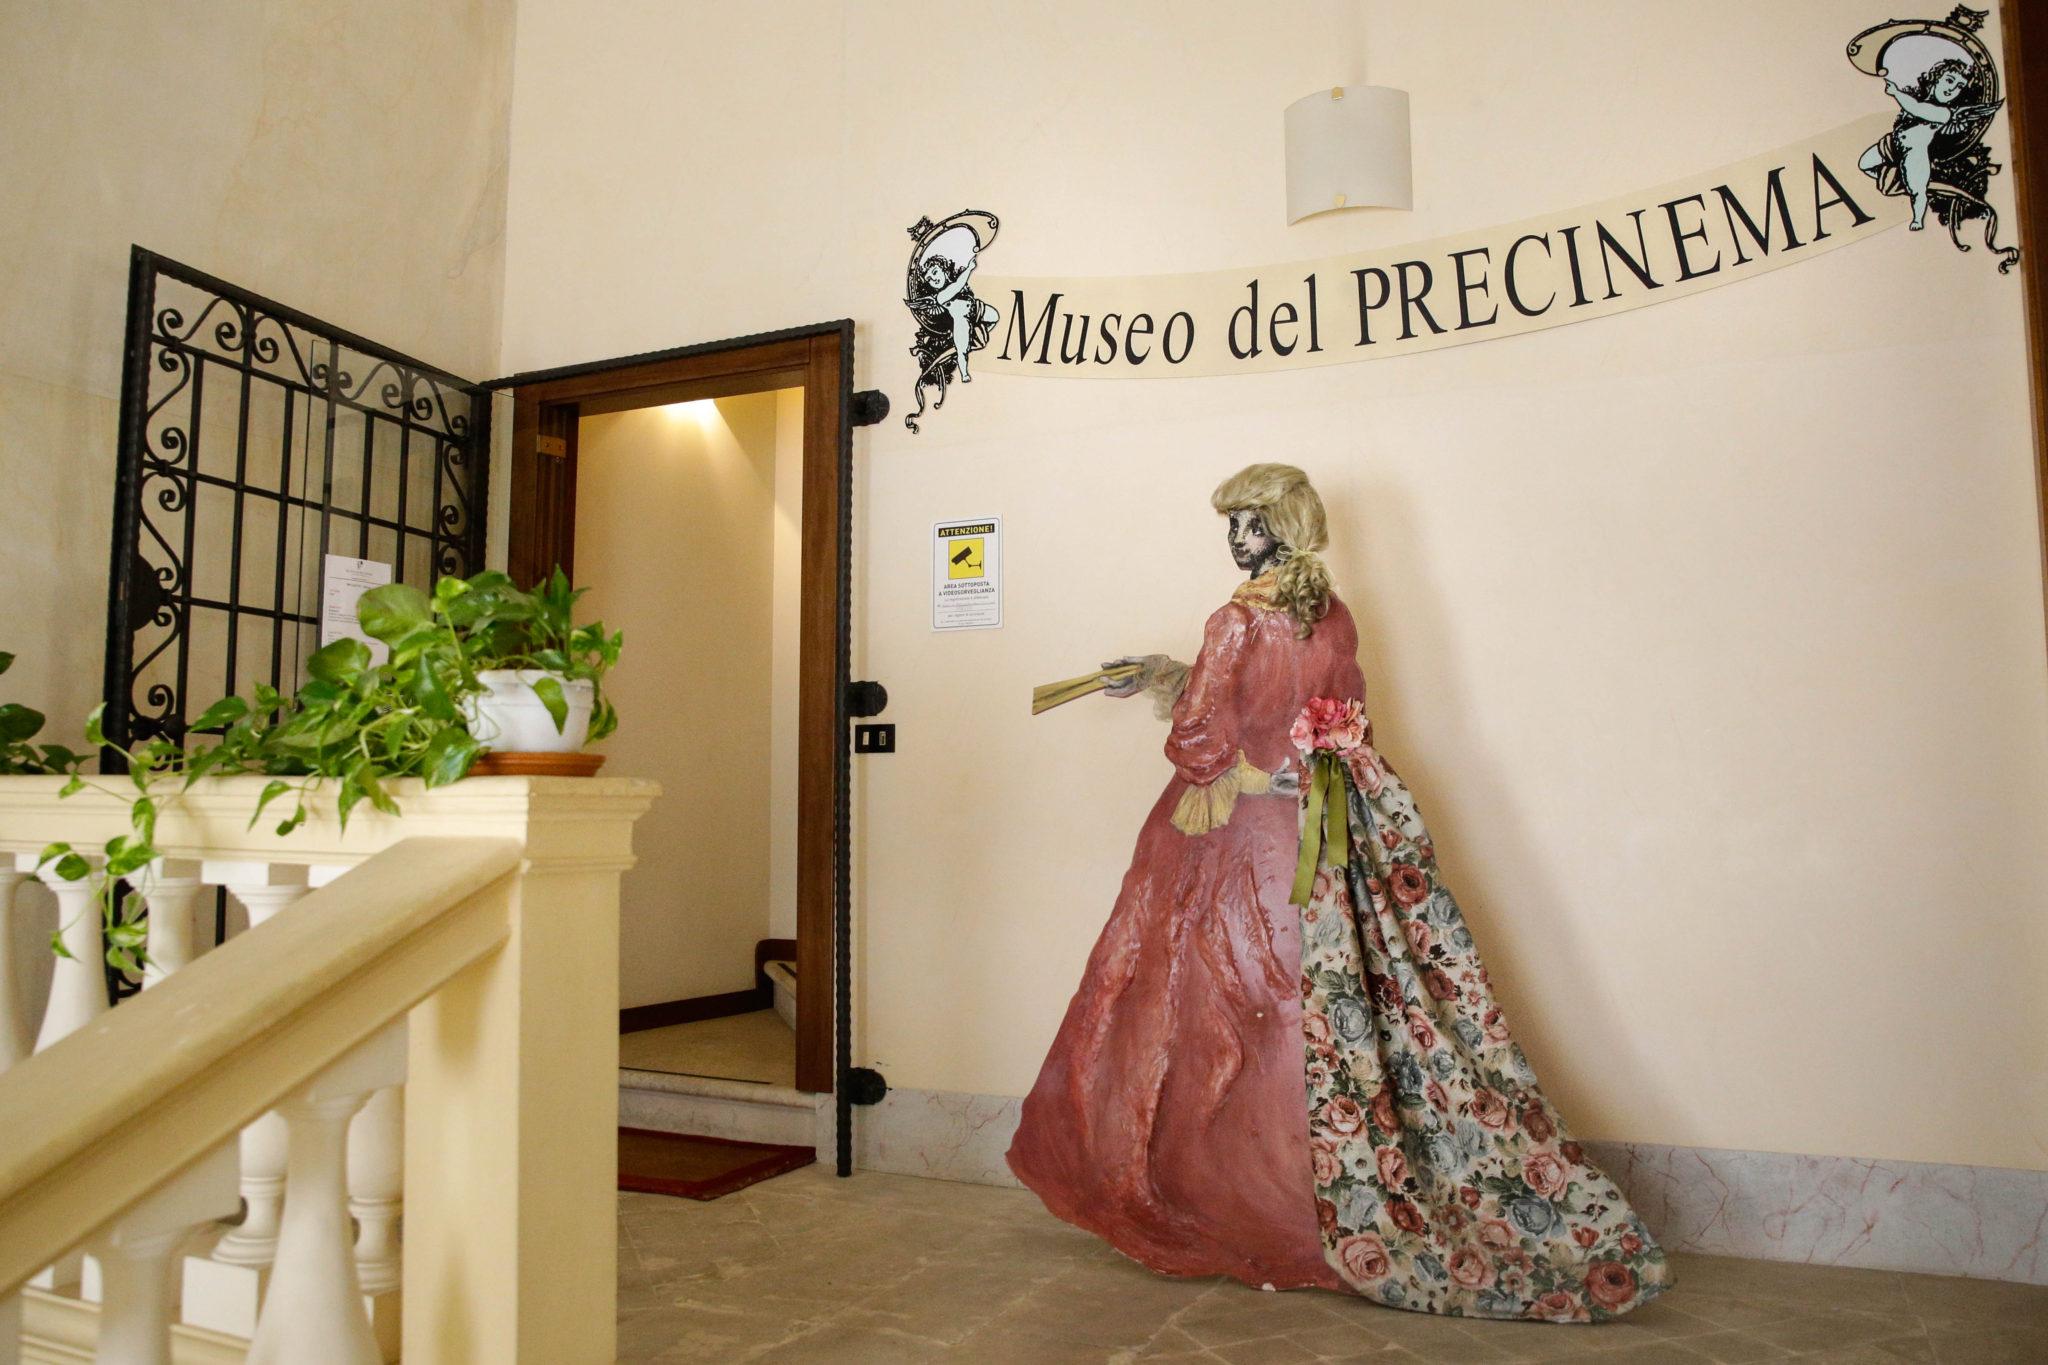 Nel quattrocentesco Palazzo Angeli di Padova, una camera delle meraviglie custodisce visioni e proiezioni dal '700 all'800: il museo del Precinema